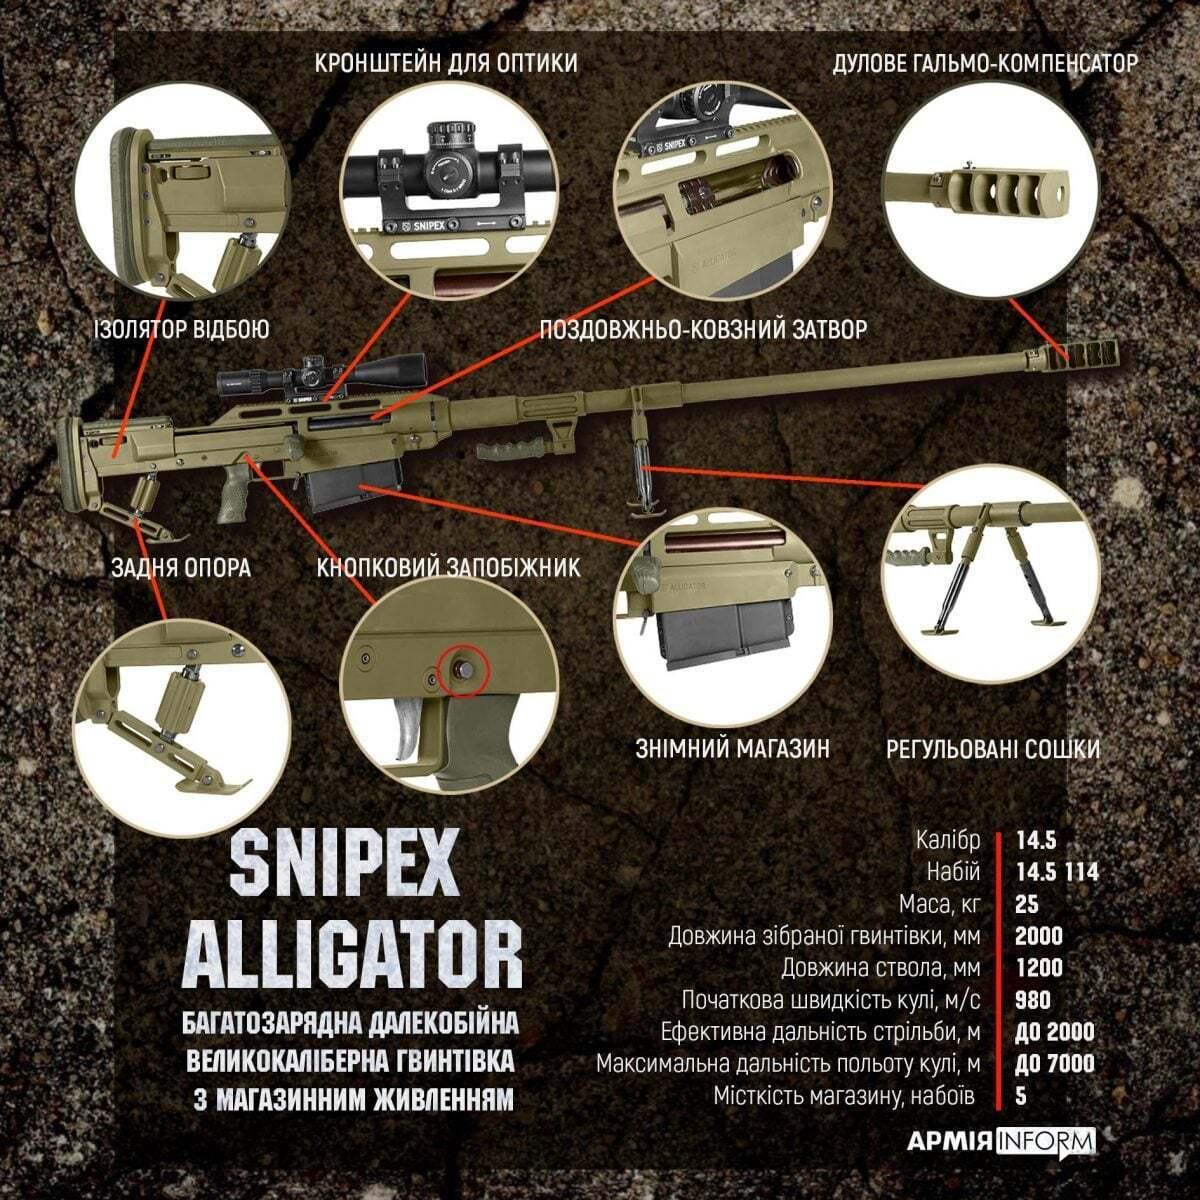 Характеристики гвинтівки.